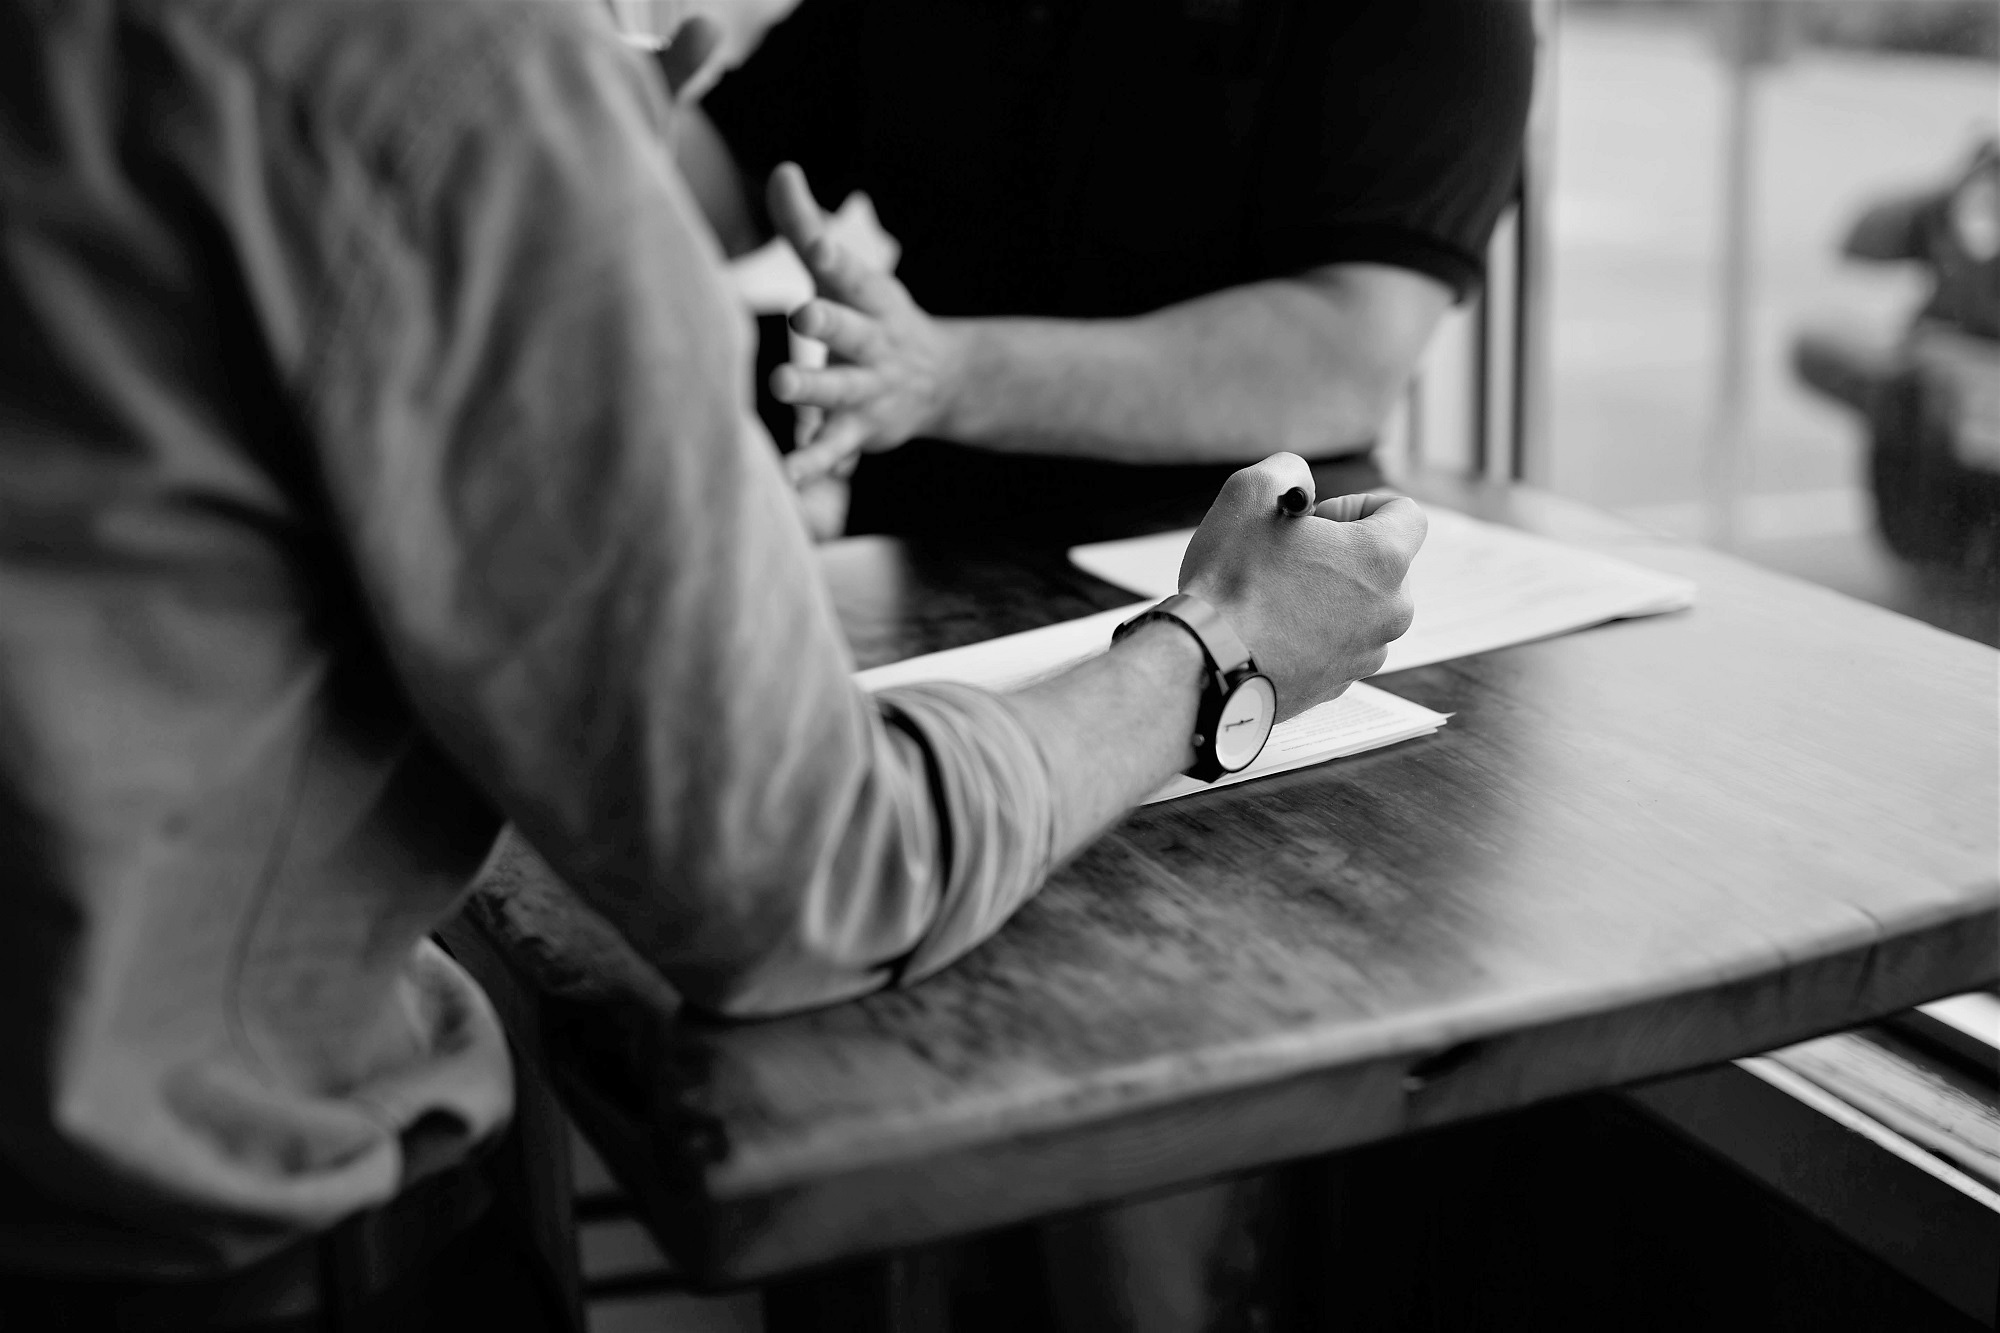 Incontro di lavoro | © Nik MacMillan